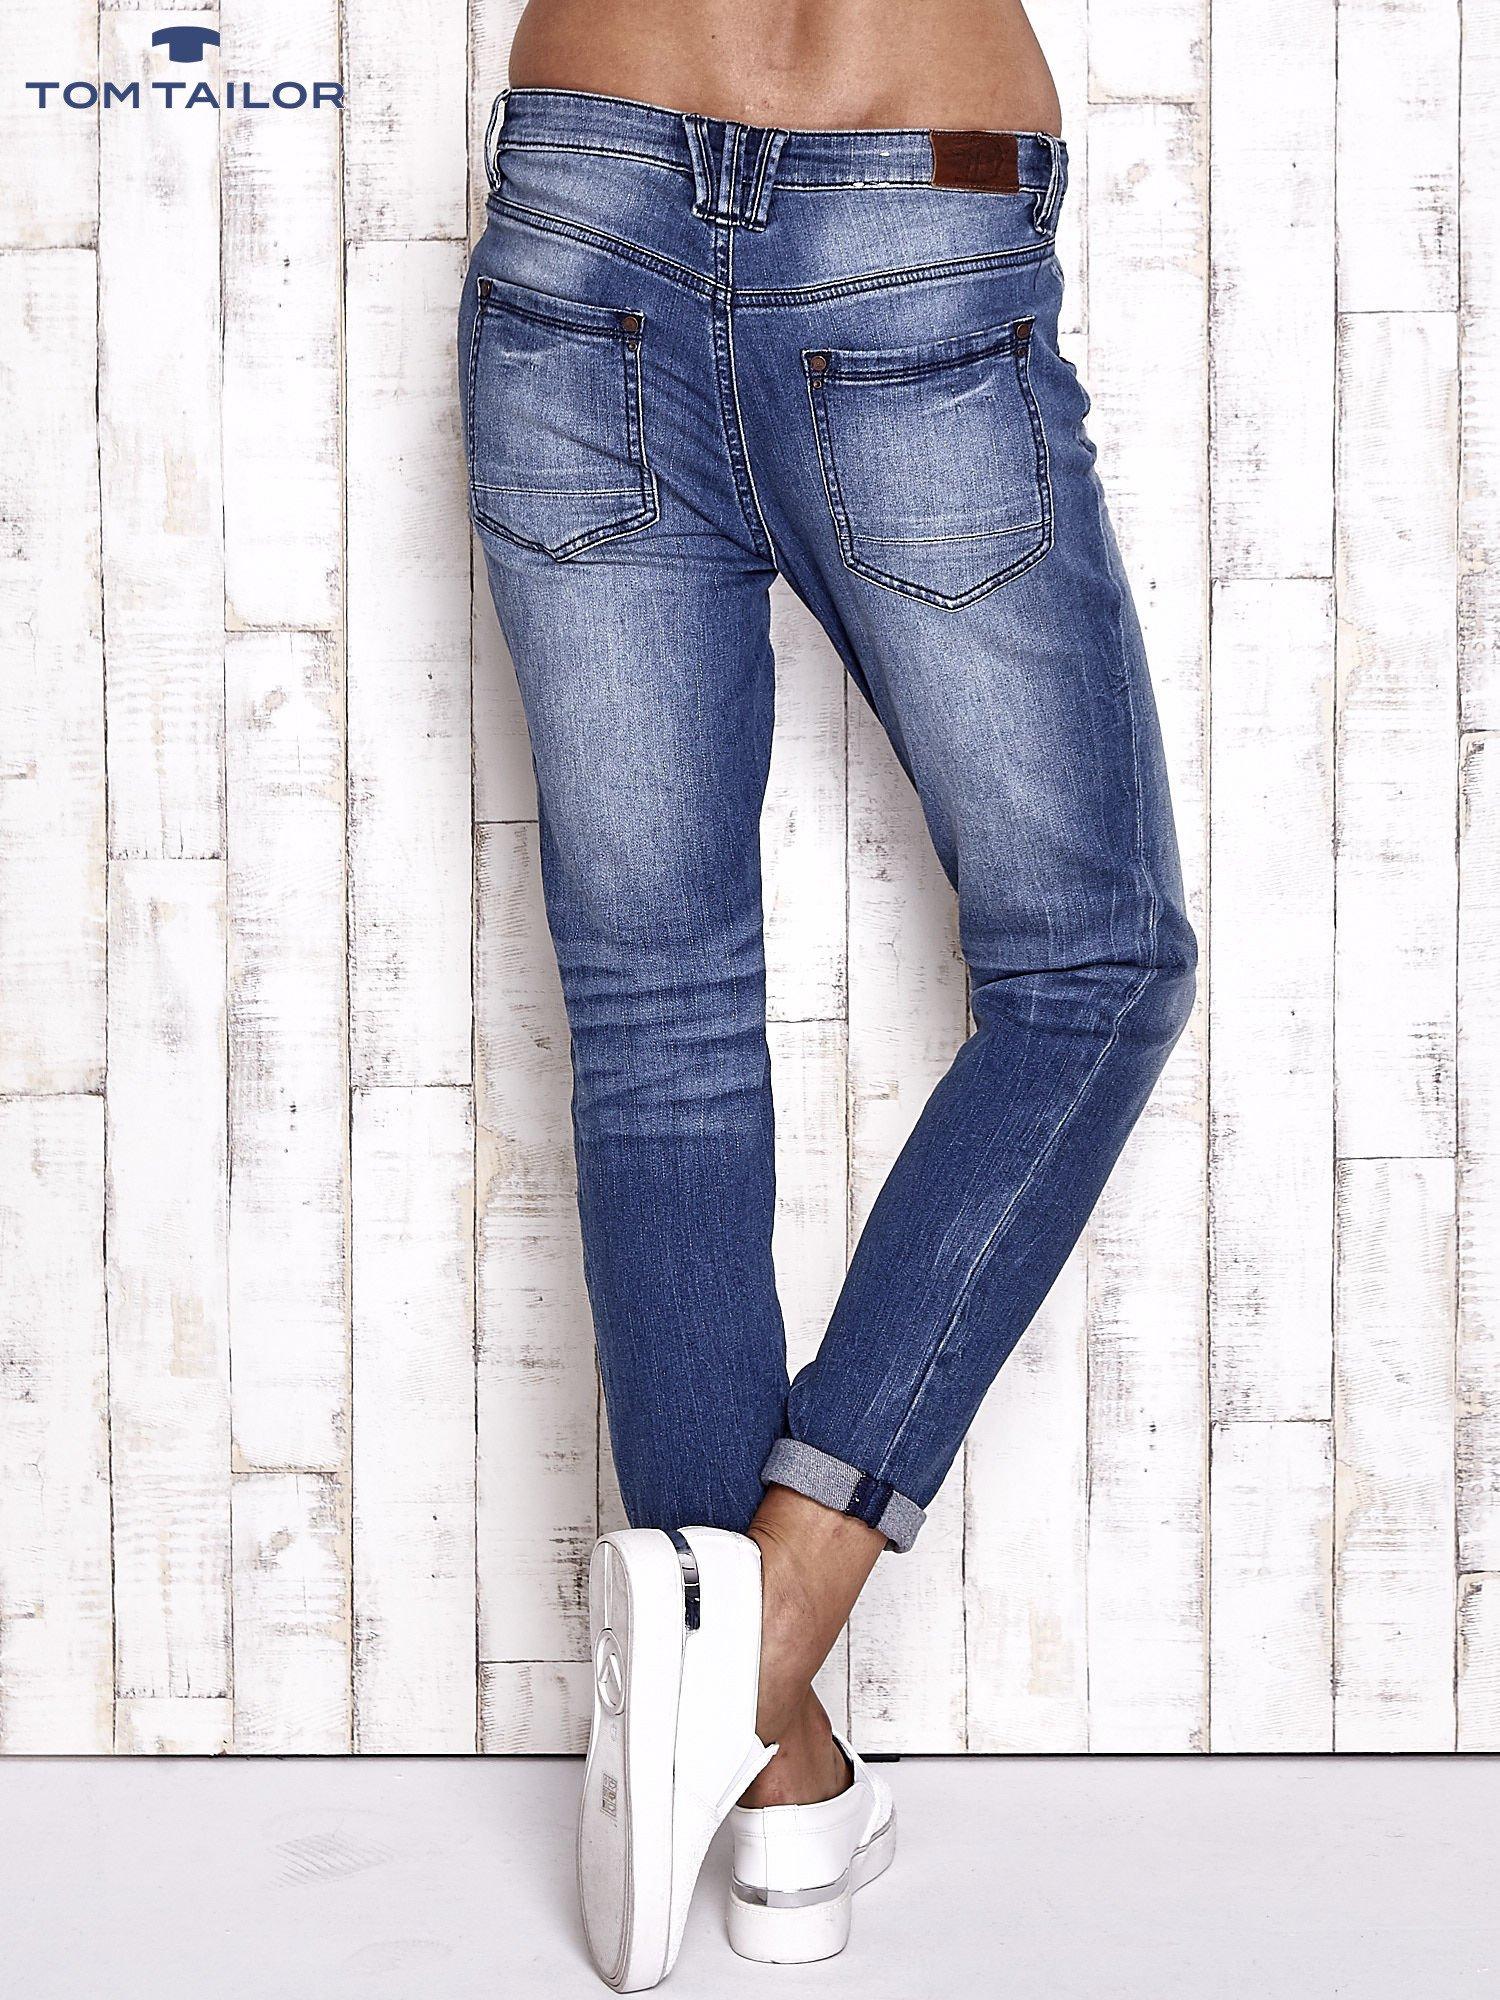 TOM TAILOR Niebieskie modułowe spodnie jeansowe                                  zdj.                                  2